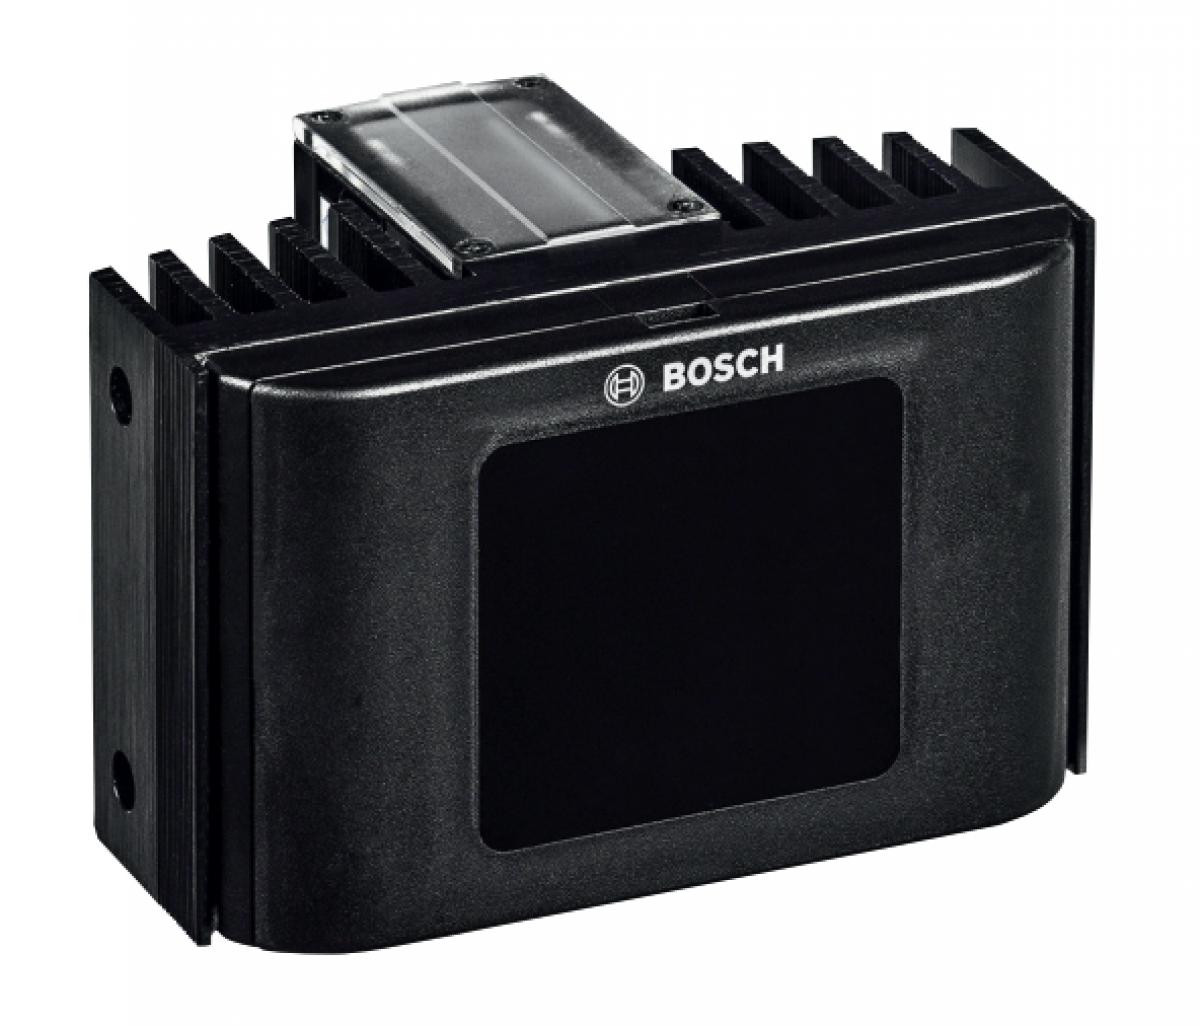 BOSCH IIR-50850-SR